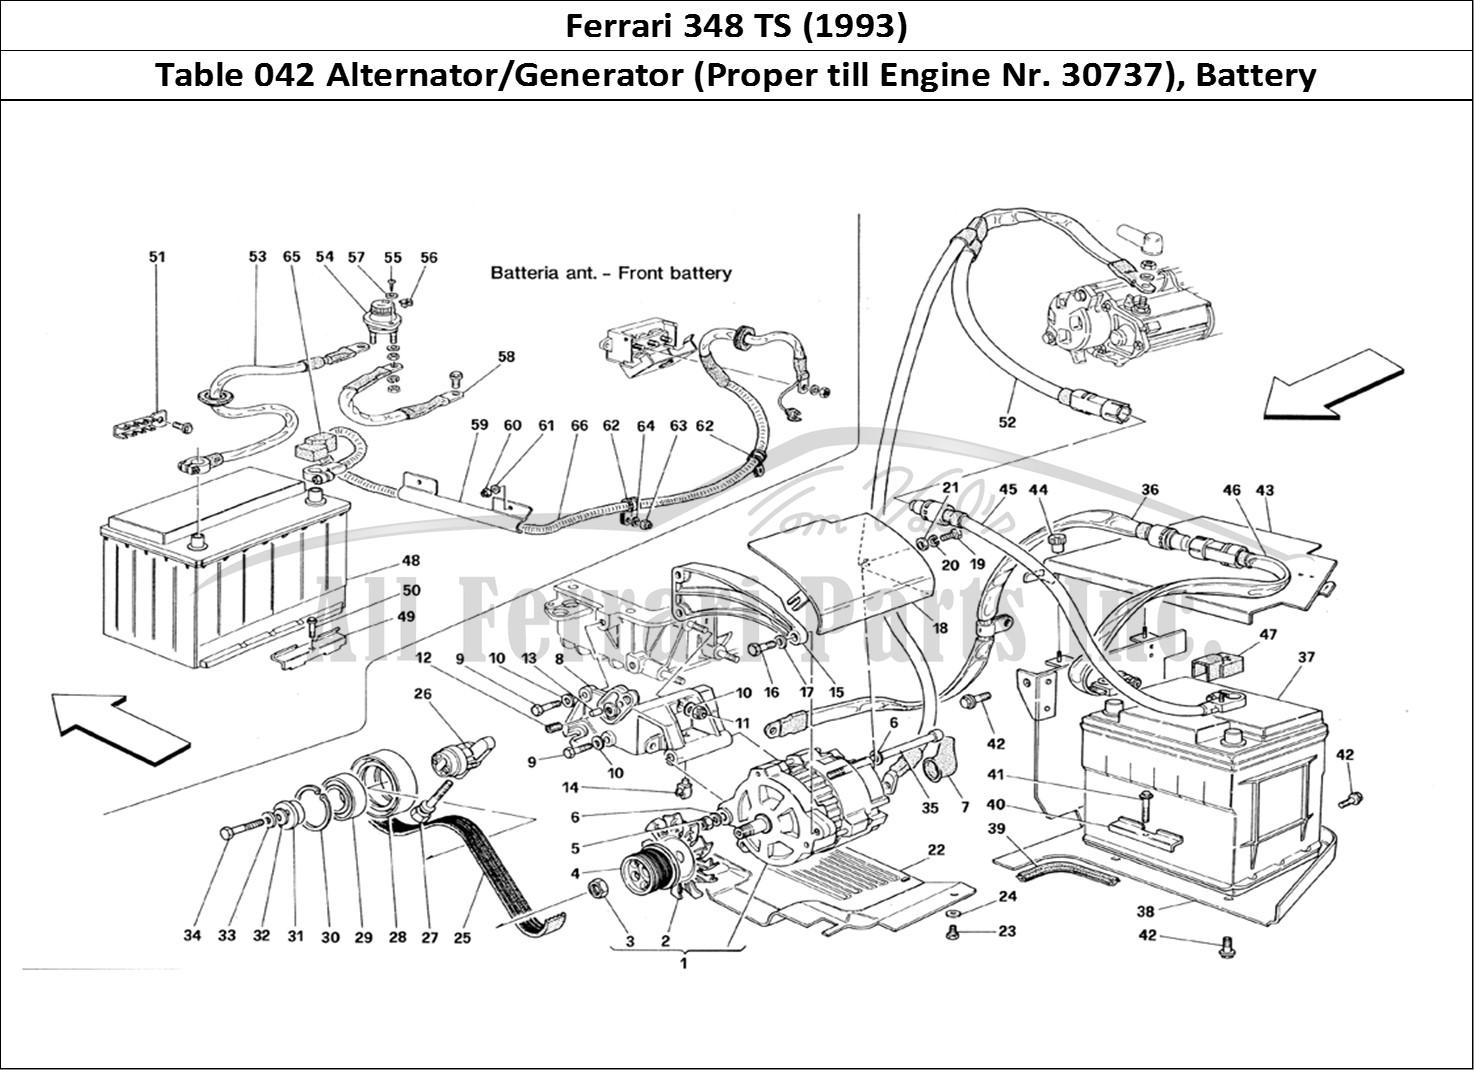 Buy Original Ferrari 348 Ts 042 Alternator